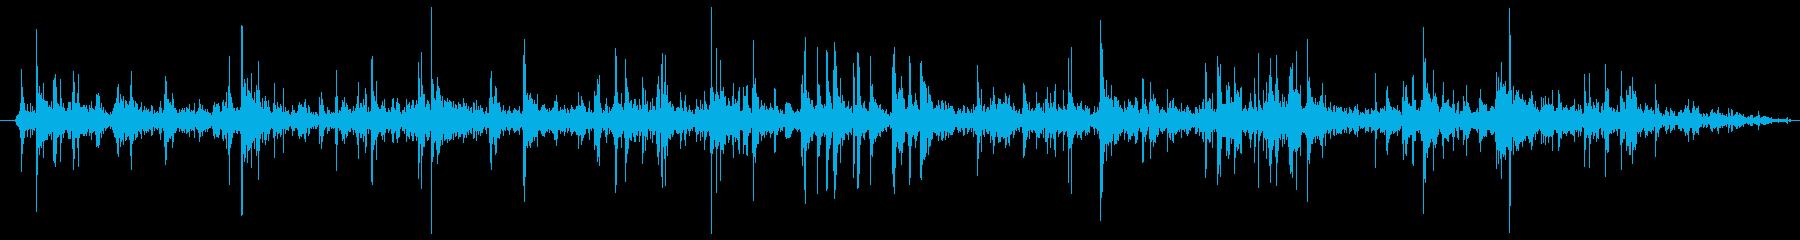 カート 中世のドラッグファースト01の再生済みの波形